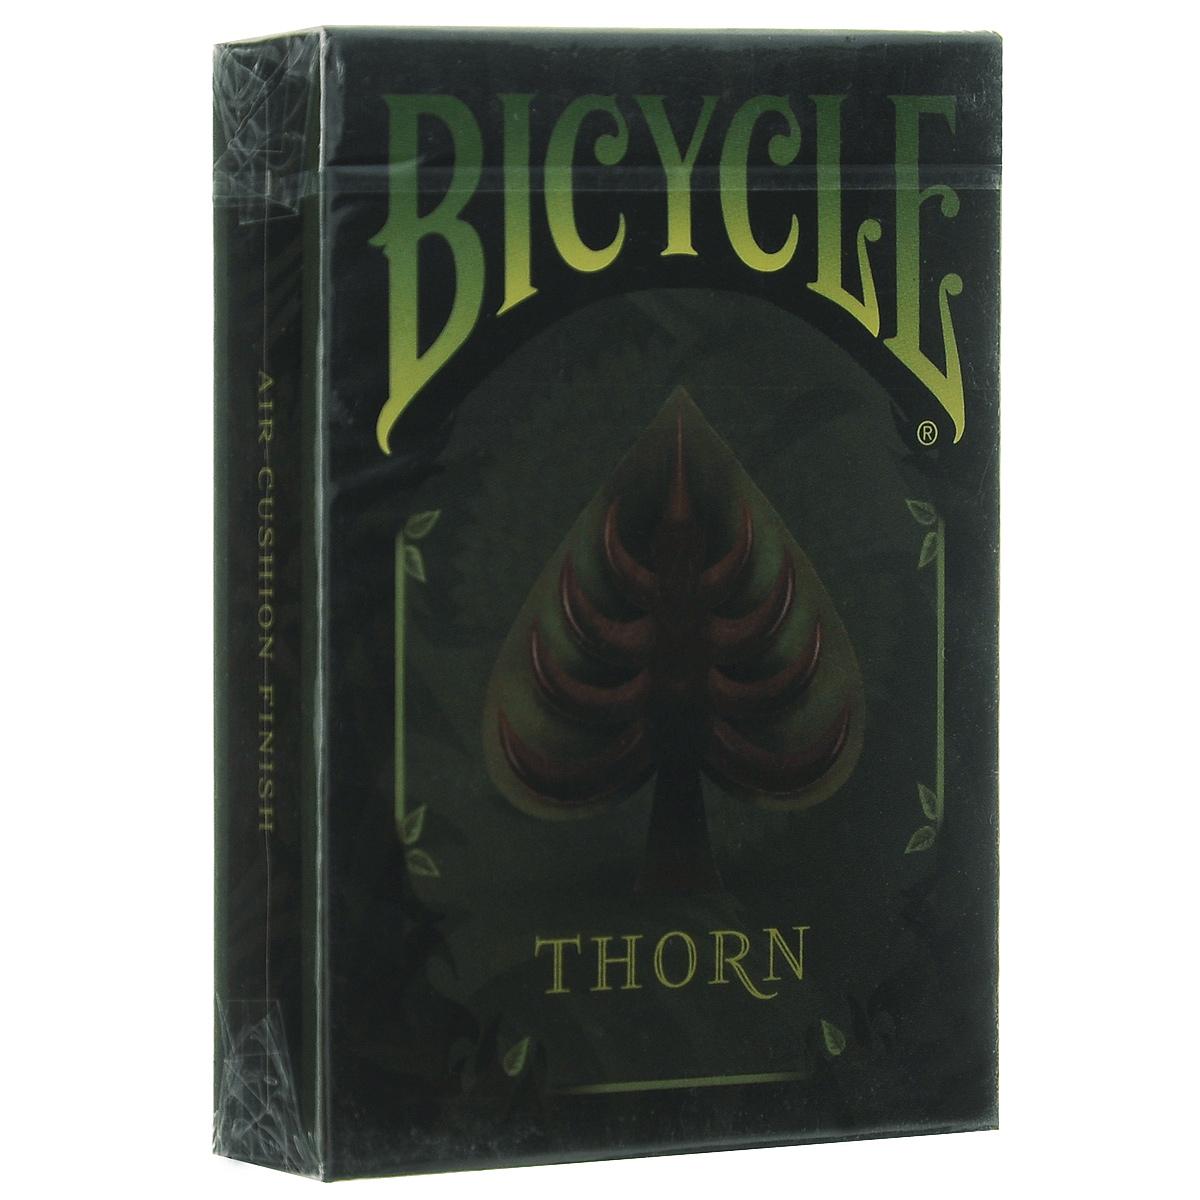 Игральные карты Bicycle Thorn, цвет: зеленыйК-393Элегантная колода карт, вдохновением для создания которой послужили фантастические истории Джунглей. Благодаря узнаваемому дизайну, отменному качеству и невысокой цене они пользуются популярностью во всем мире.